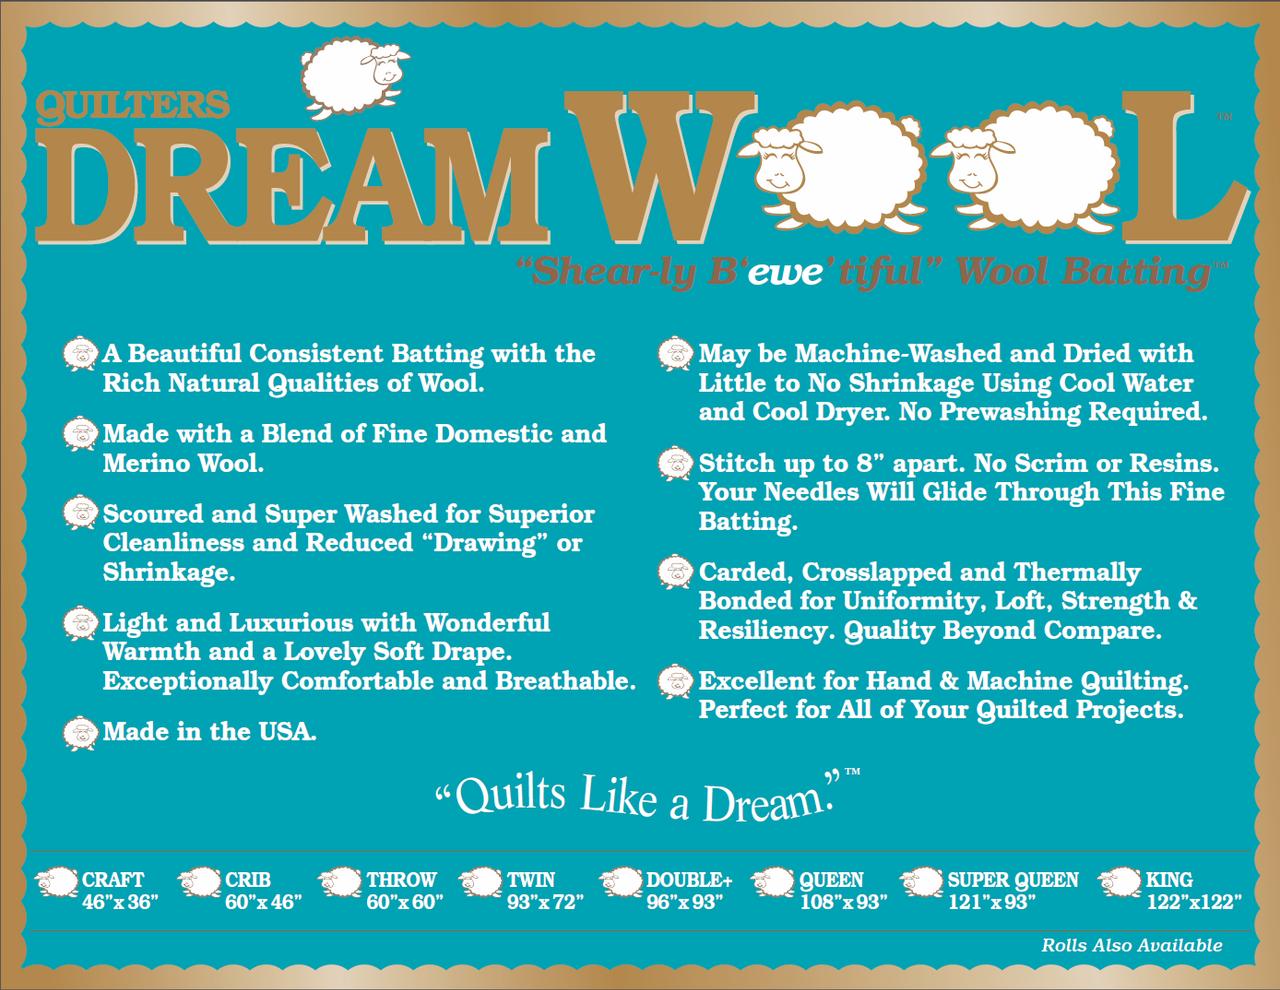 Quilters Dream Wool Queen